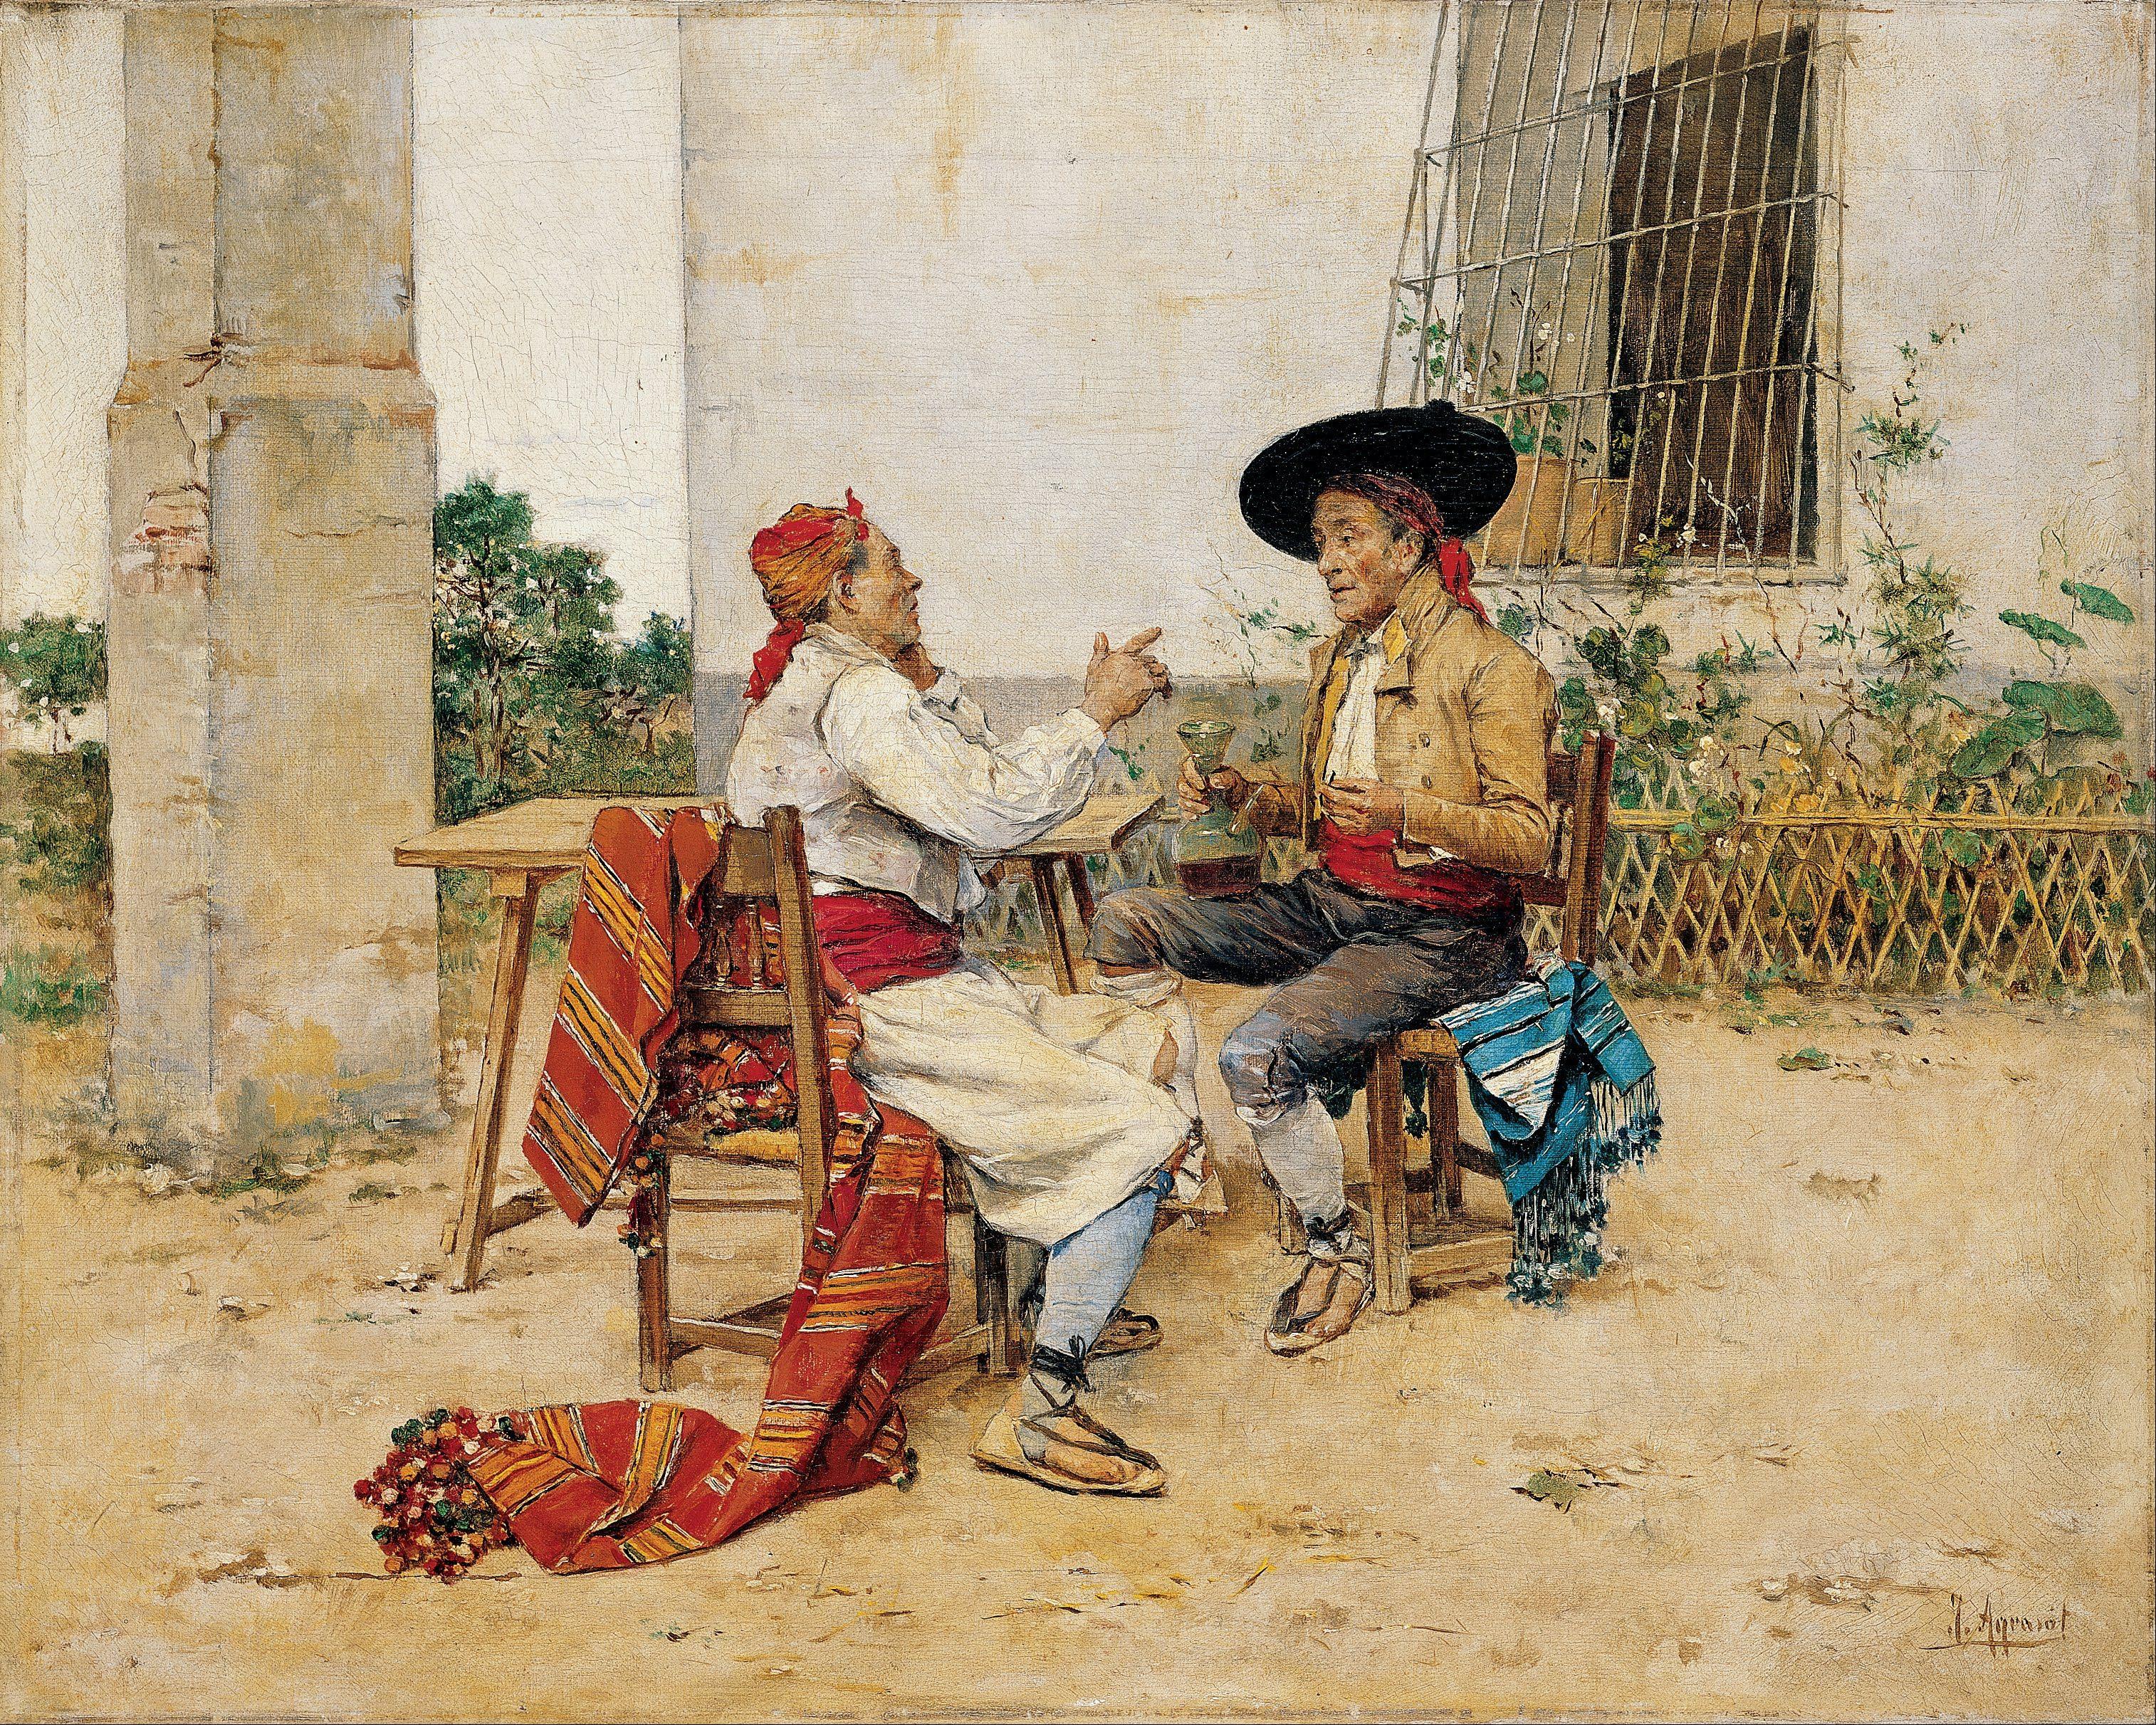 Joaquín Agrasot Juan (Orihuela, 24 de diciembre de 1836 - Valencia, 8 de enero de 1919) fue un pintor español, encuadrado en el género realista y costumbrista.